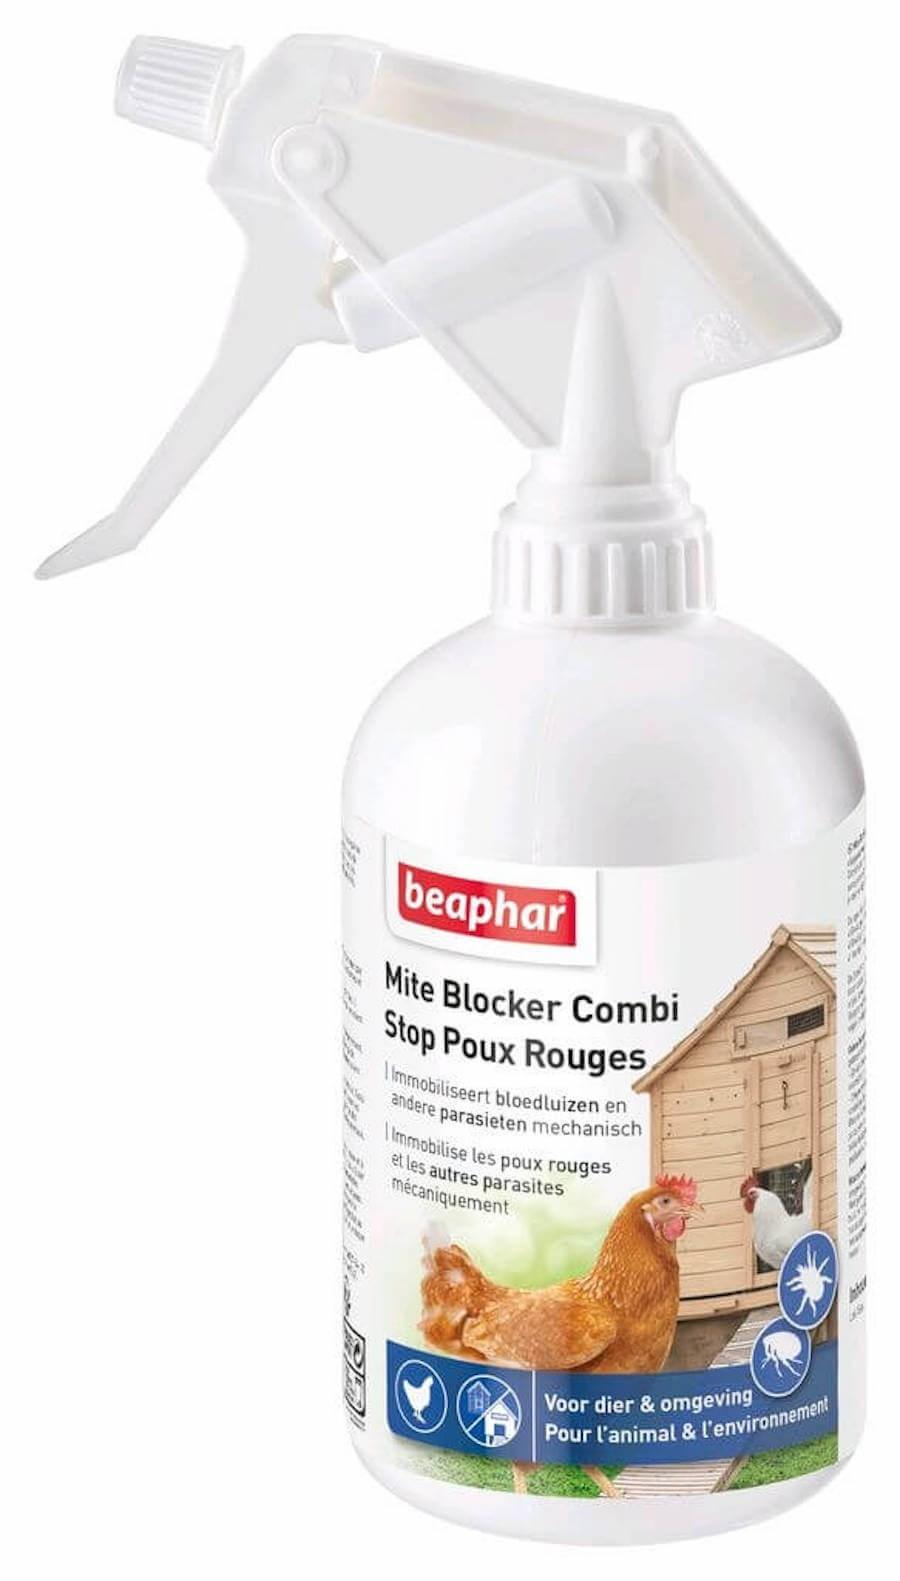 Beaphar Spray stop poux rouges 500ml - La Compagnie des Animaux